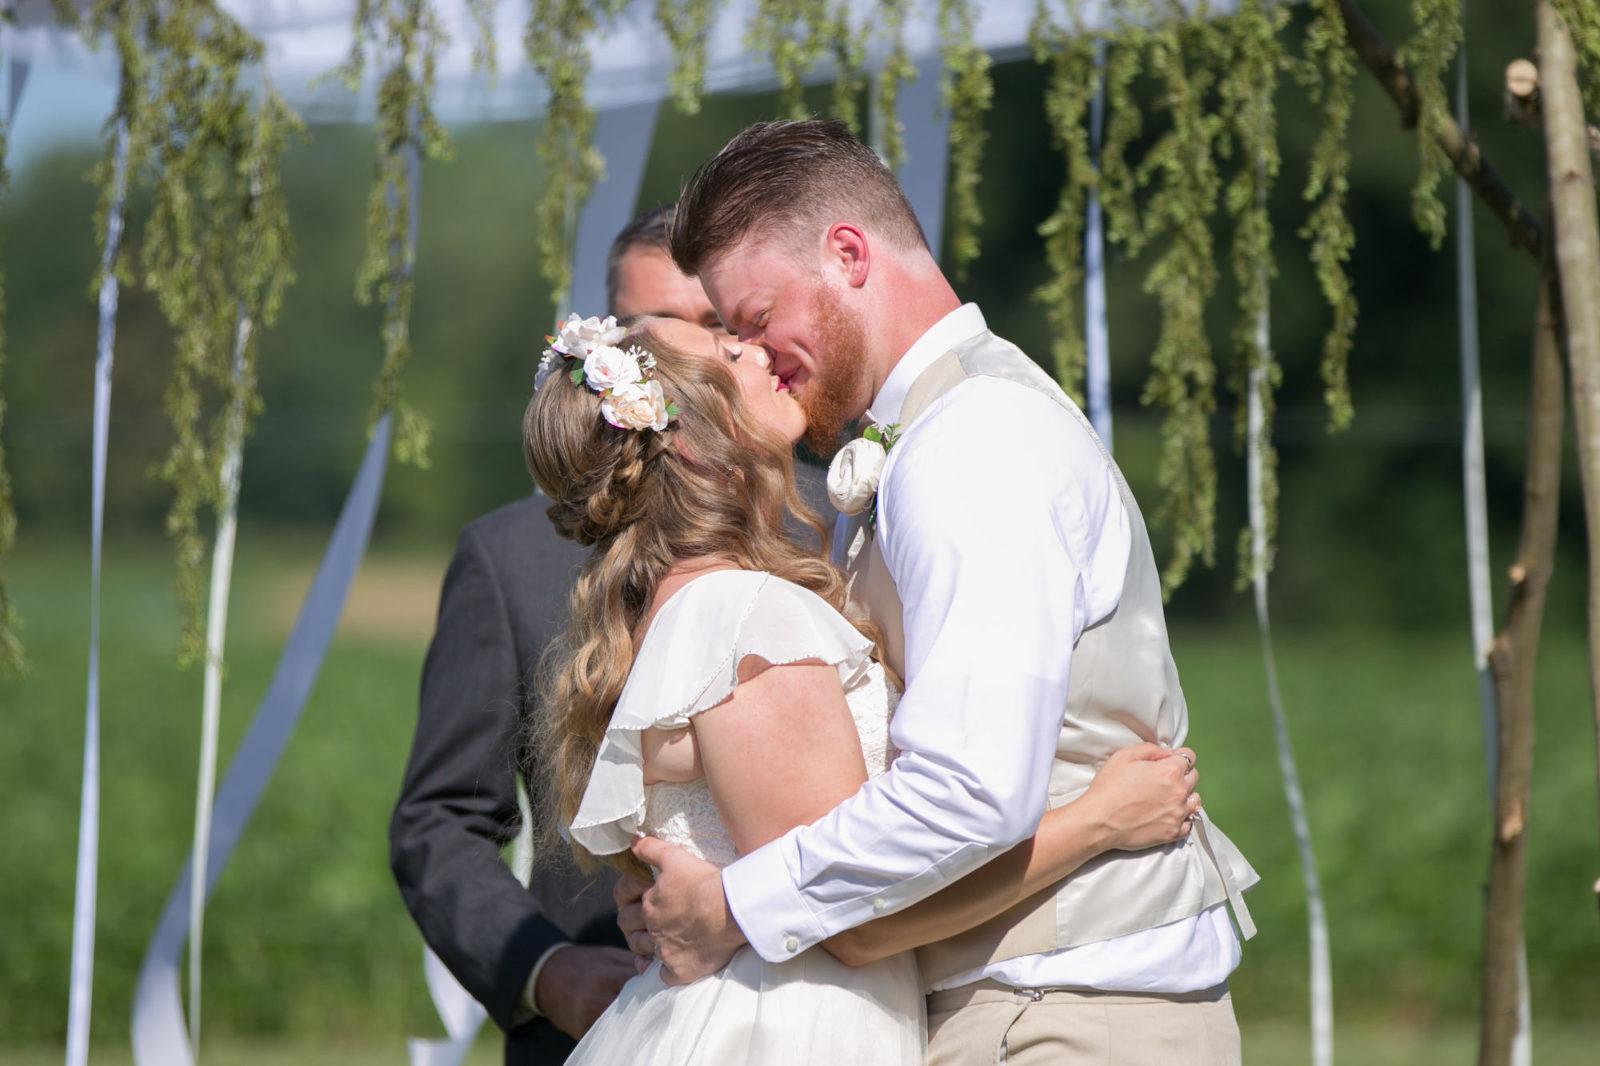 Michigan Wedding - Outdoor wedding - Backyard wedding - Ohio Wedding - Toledo Wedding